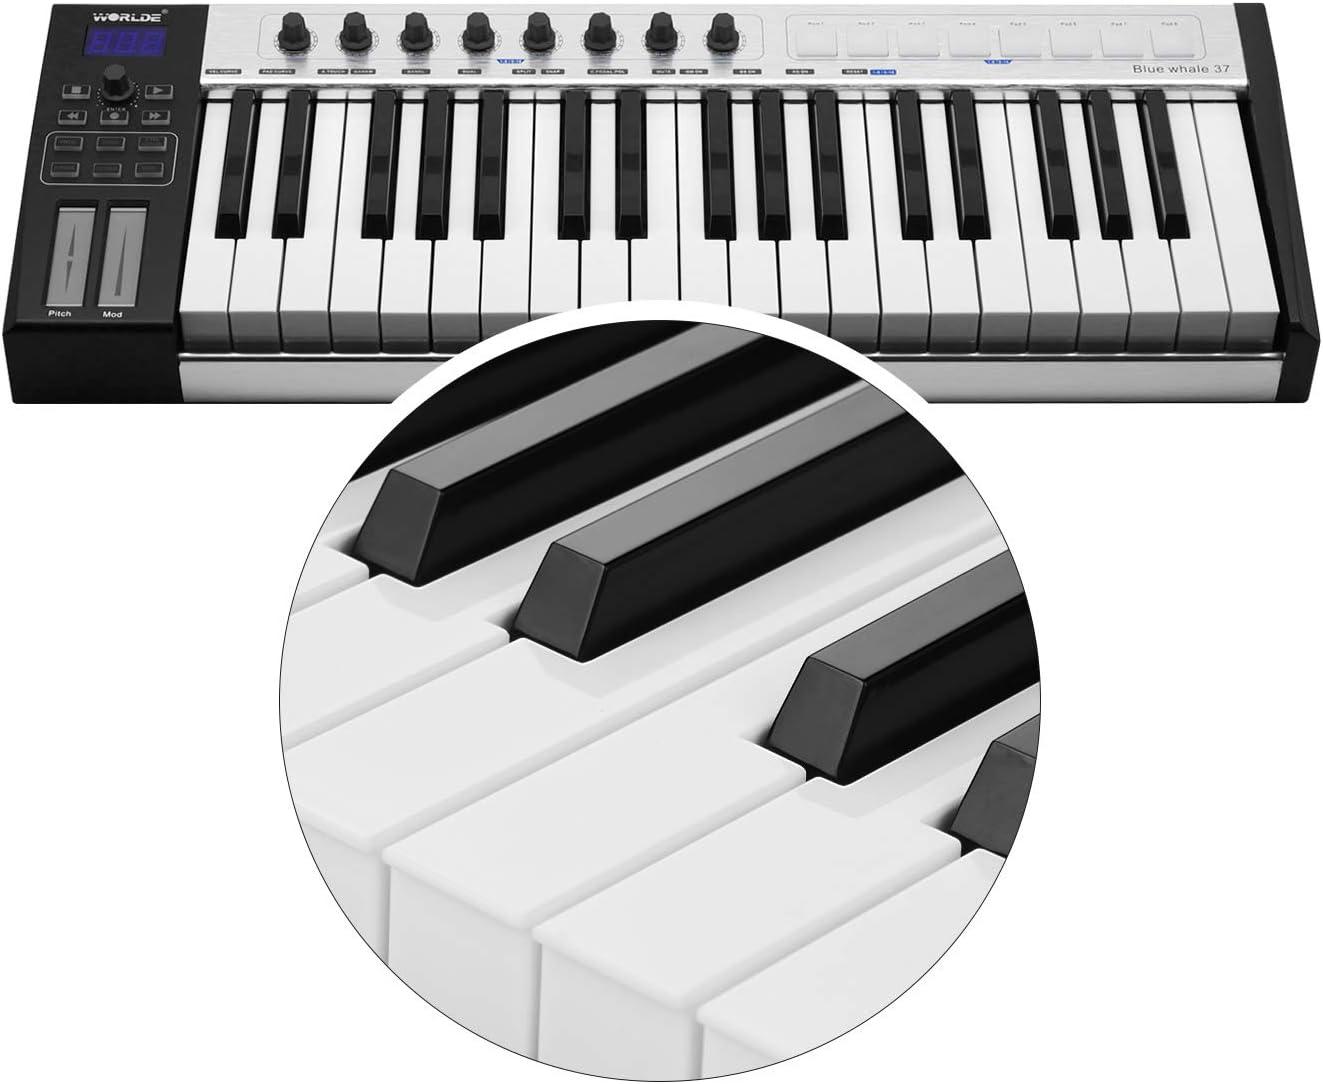 Teclado controlador MIDI portátil con 37 teclas semi pesadas ...